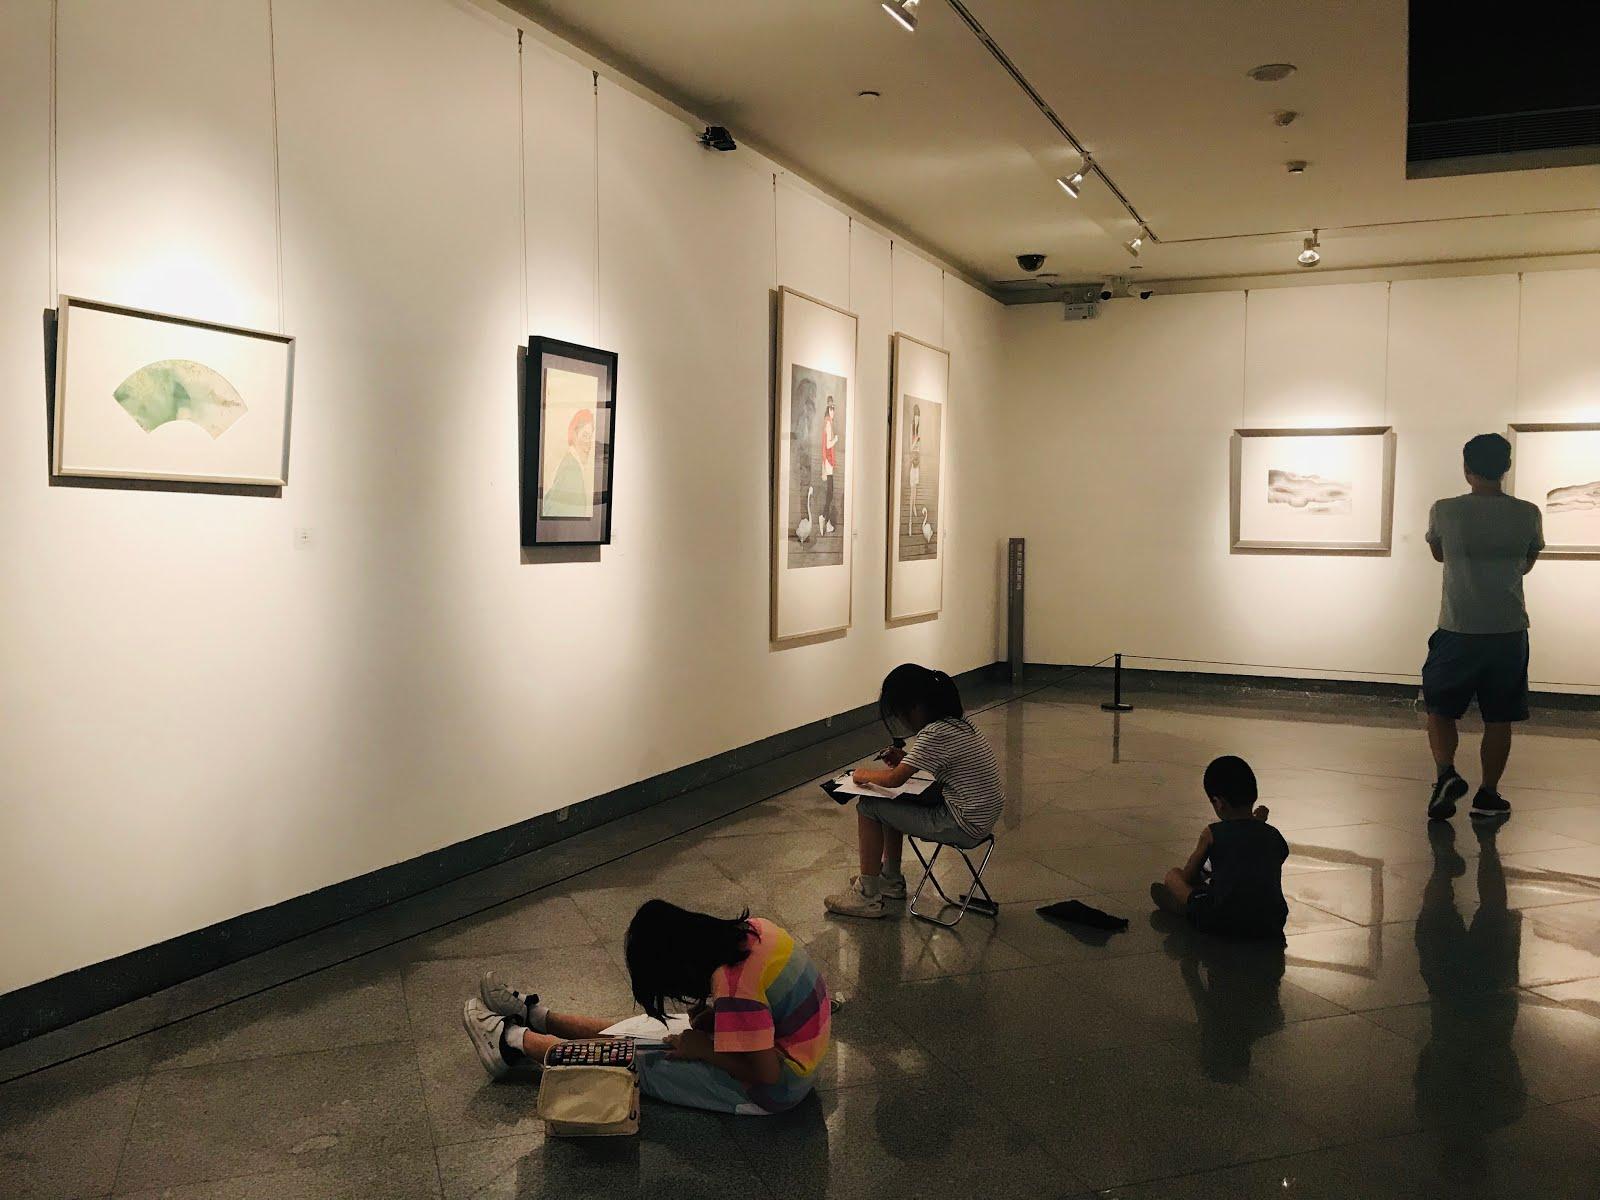 中國那麼大 深圳景點・市中心的美術館